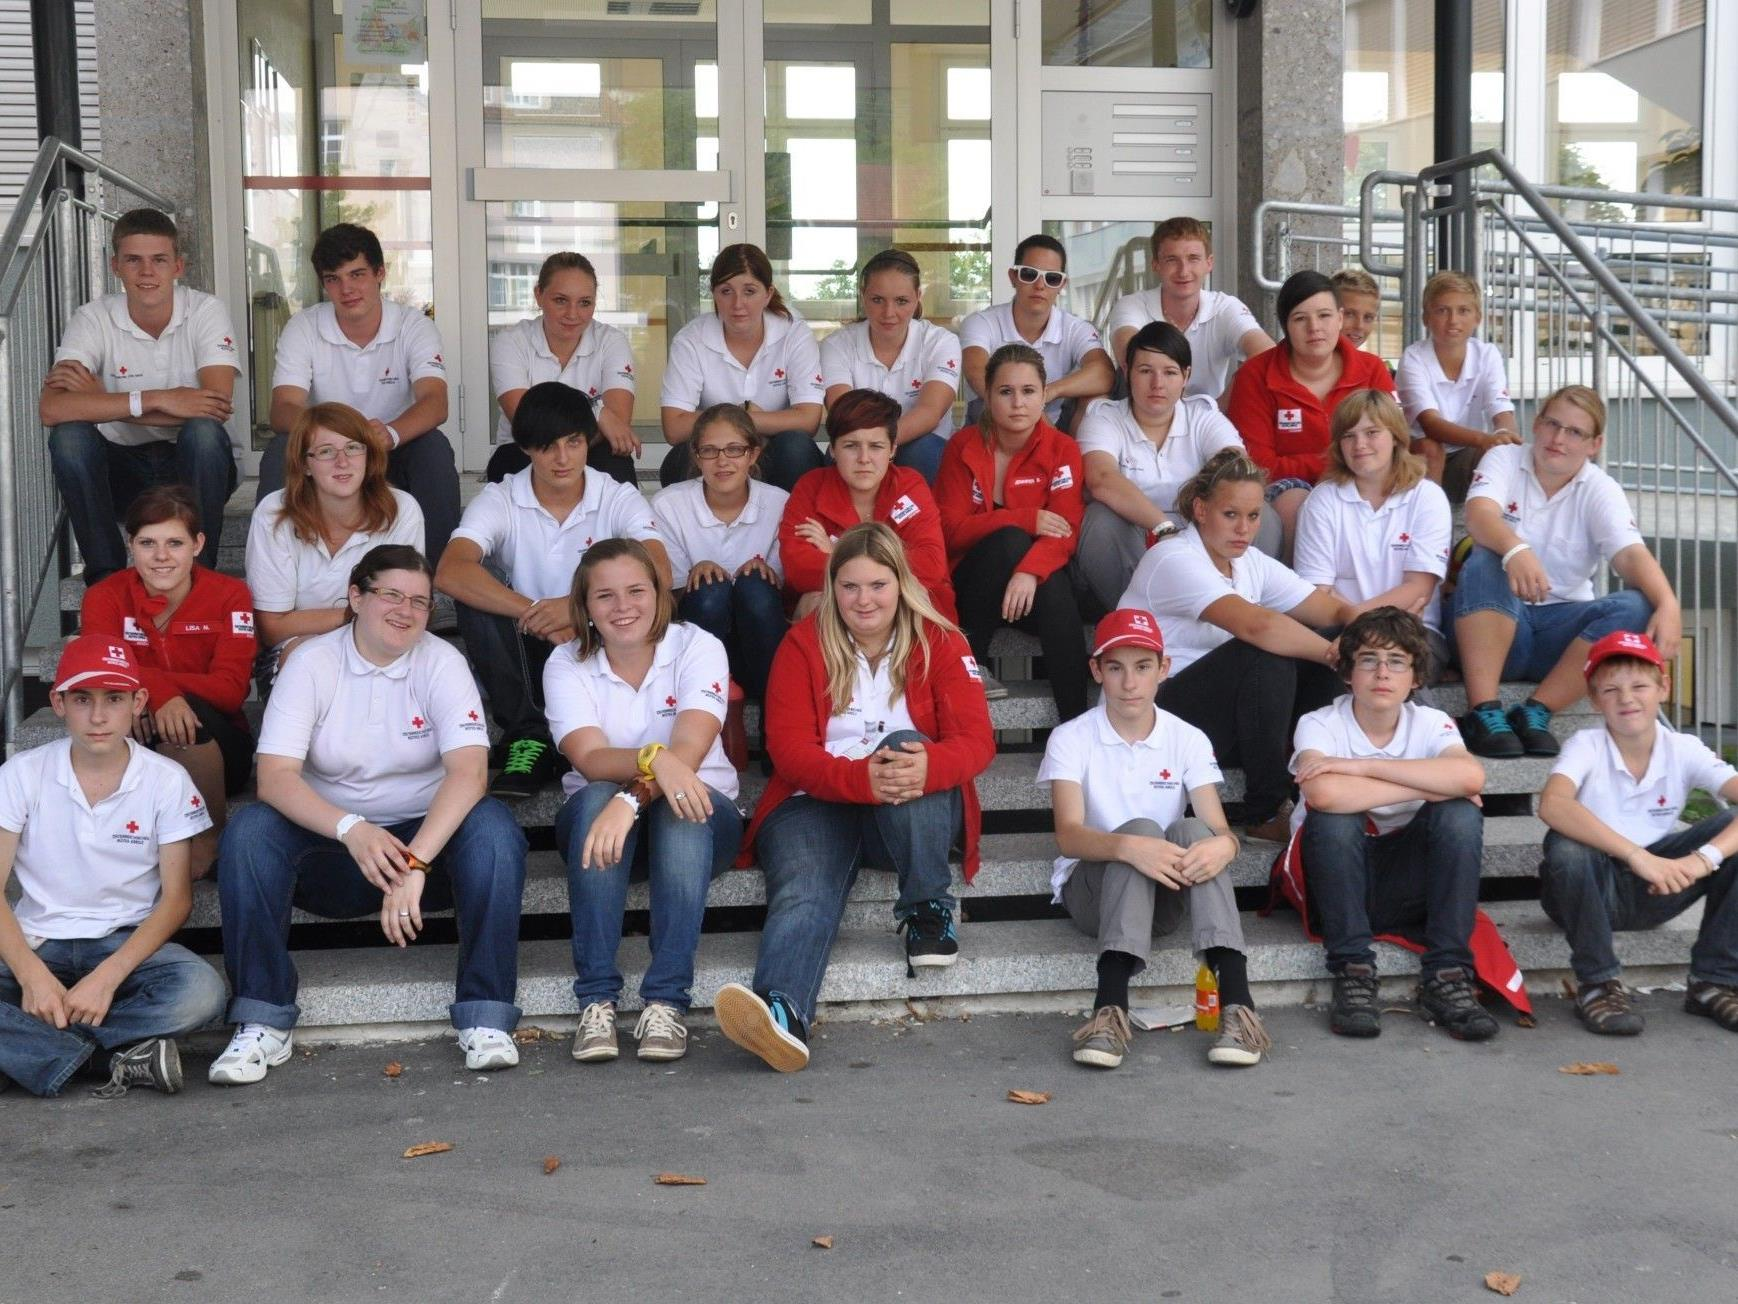 Kinder, Jugendliche und Jugendreferenten aus dem ganzen Land trafen sich beim Rot-Kreuz-Jugendcamp 2012 in Lochau am Bodensee.